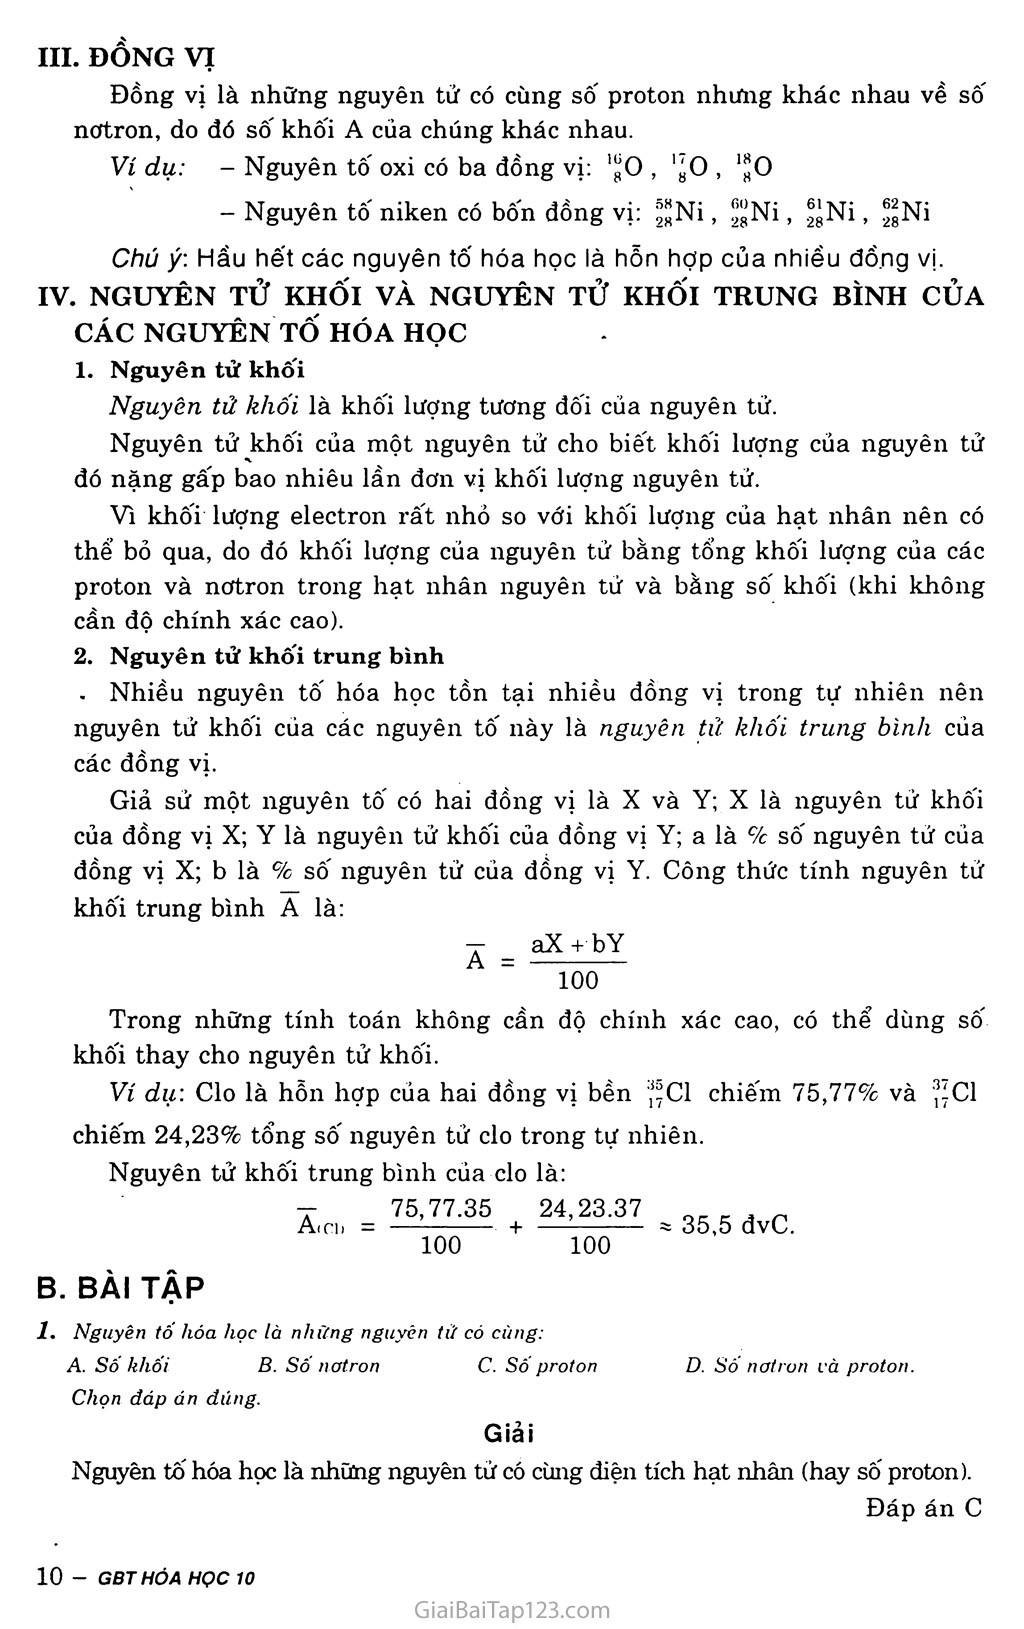 Bài 2: Hạt nhân nguyên tử - Nguyên tố hóa học - Đồng vị trang 3